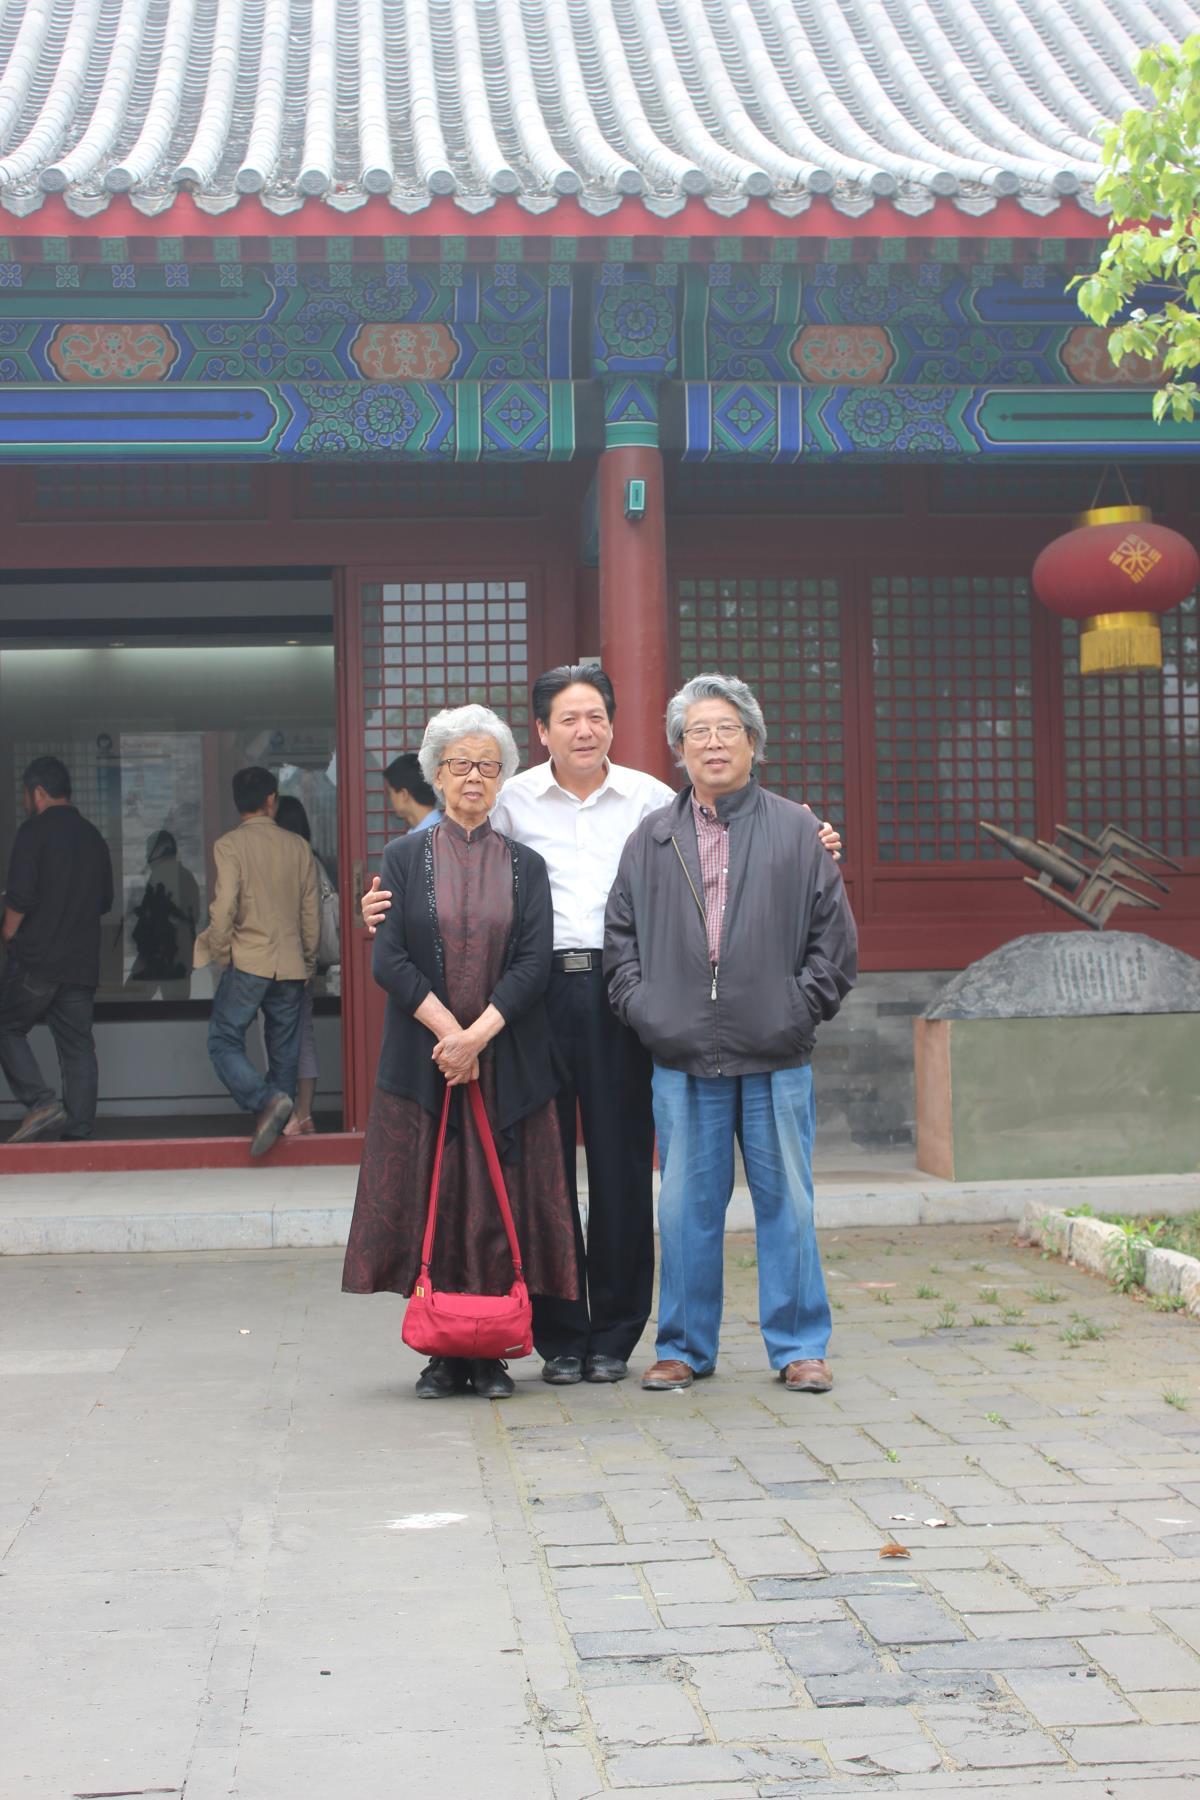 劉杰與中國著名雕塑家曹春生、趙瑞英合影